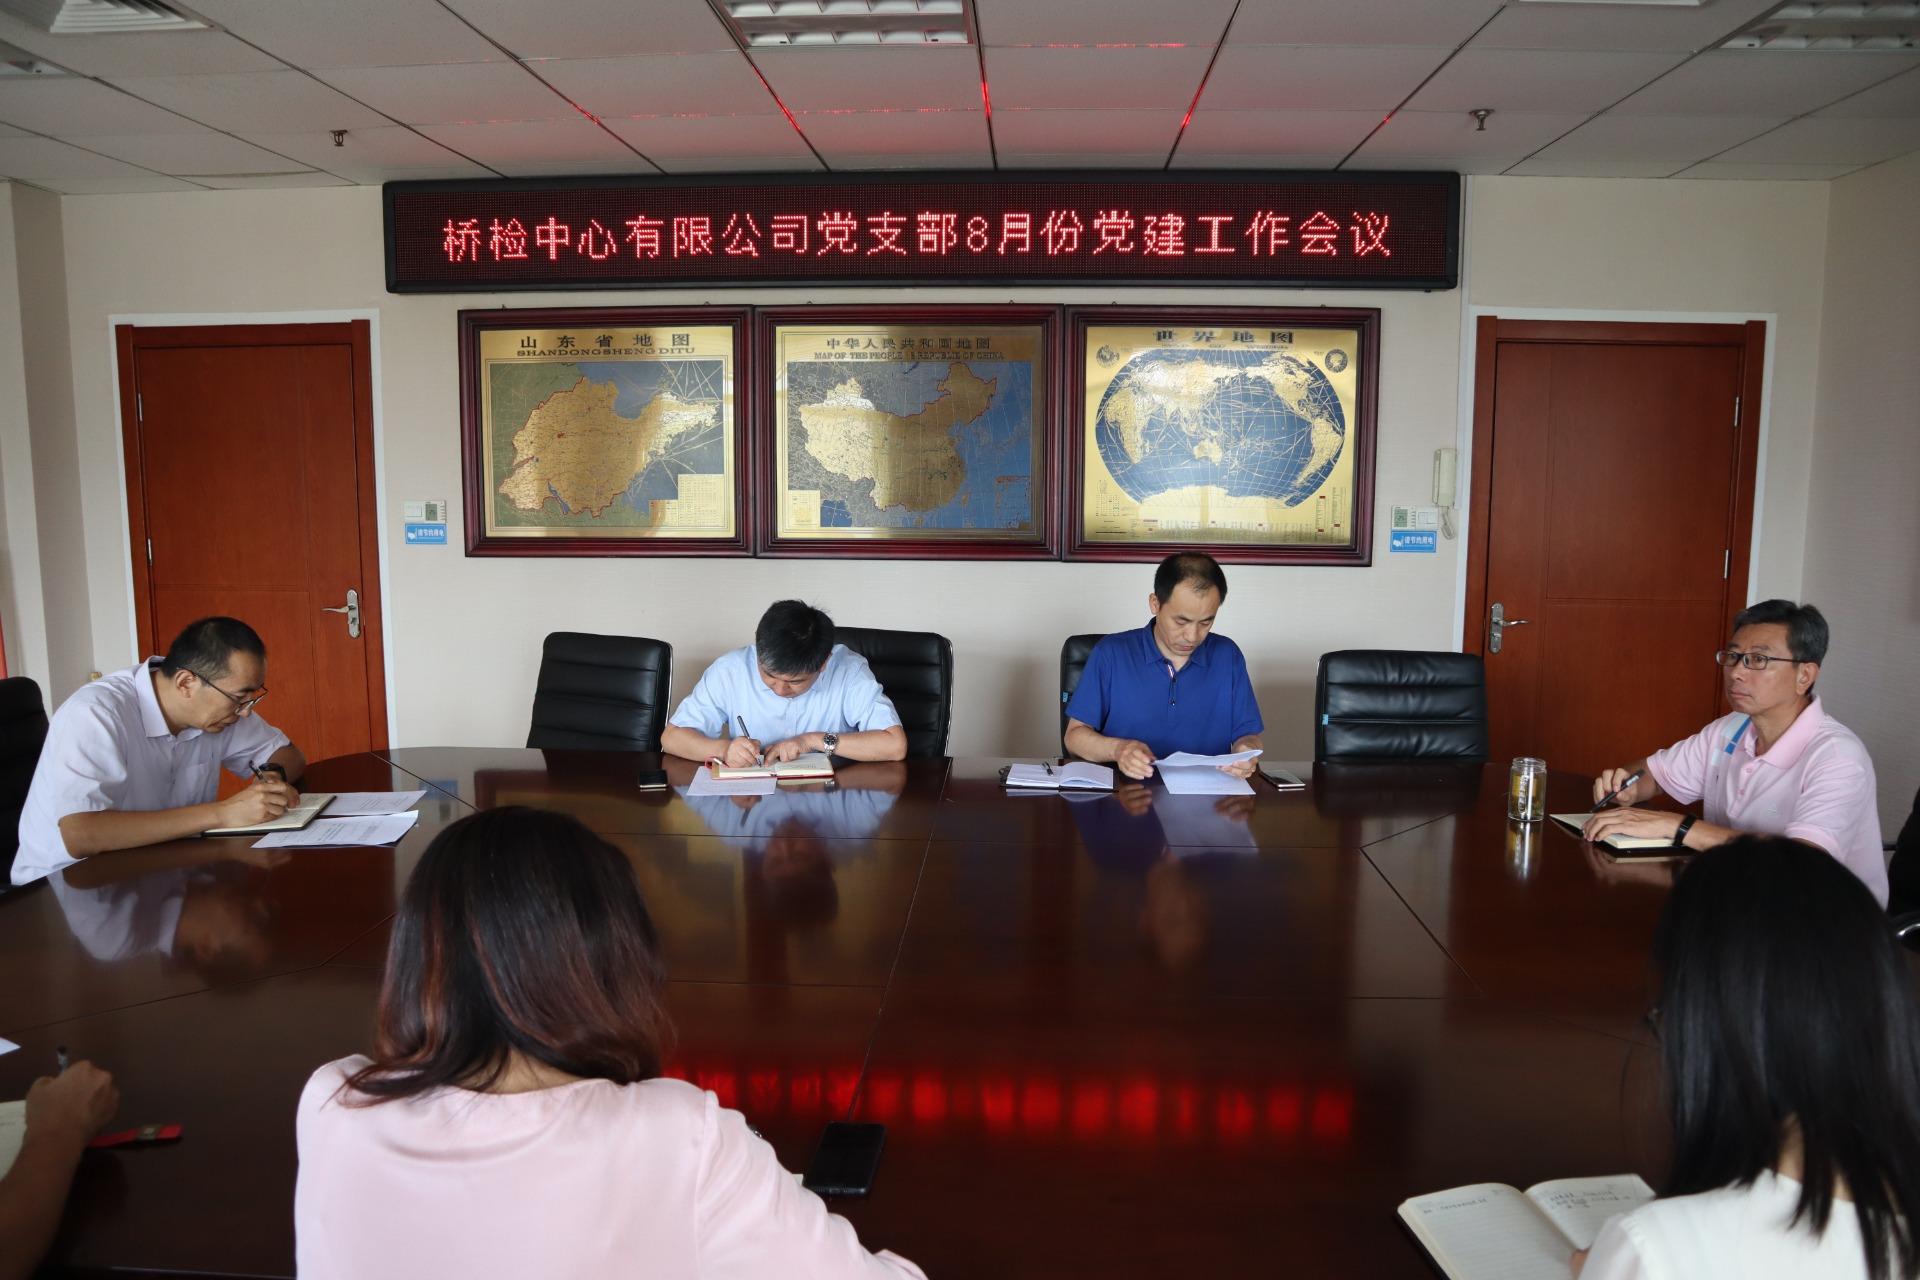 山东省公路桥梁vwin德嬴手机客户端中心有限公司开展八月份主题党日活动